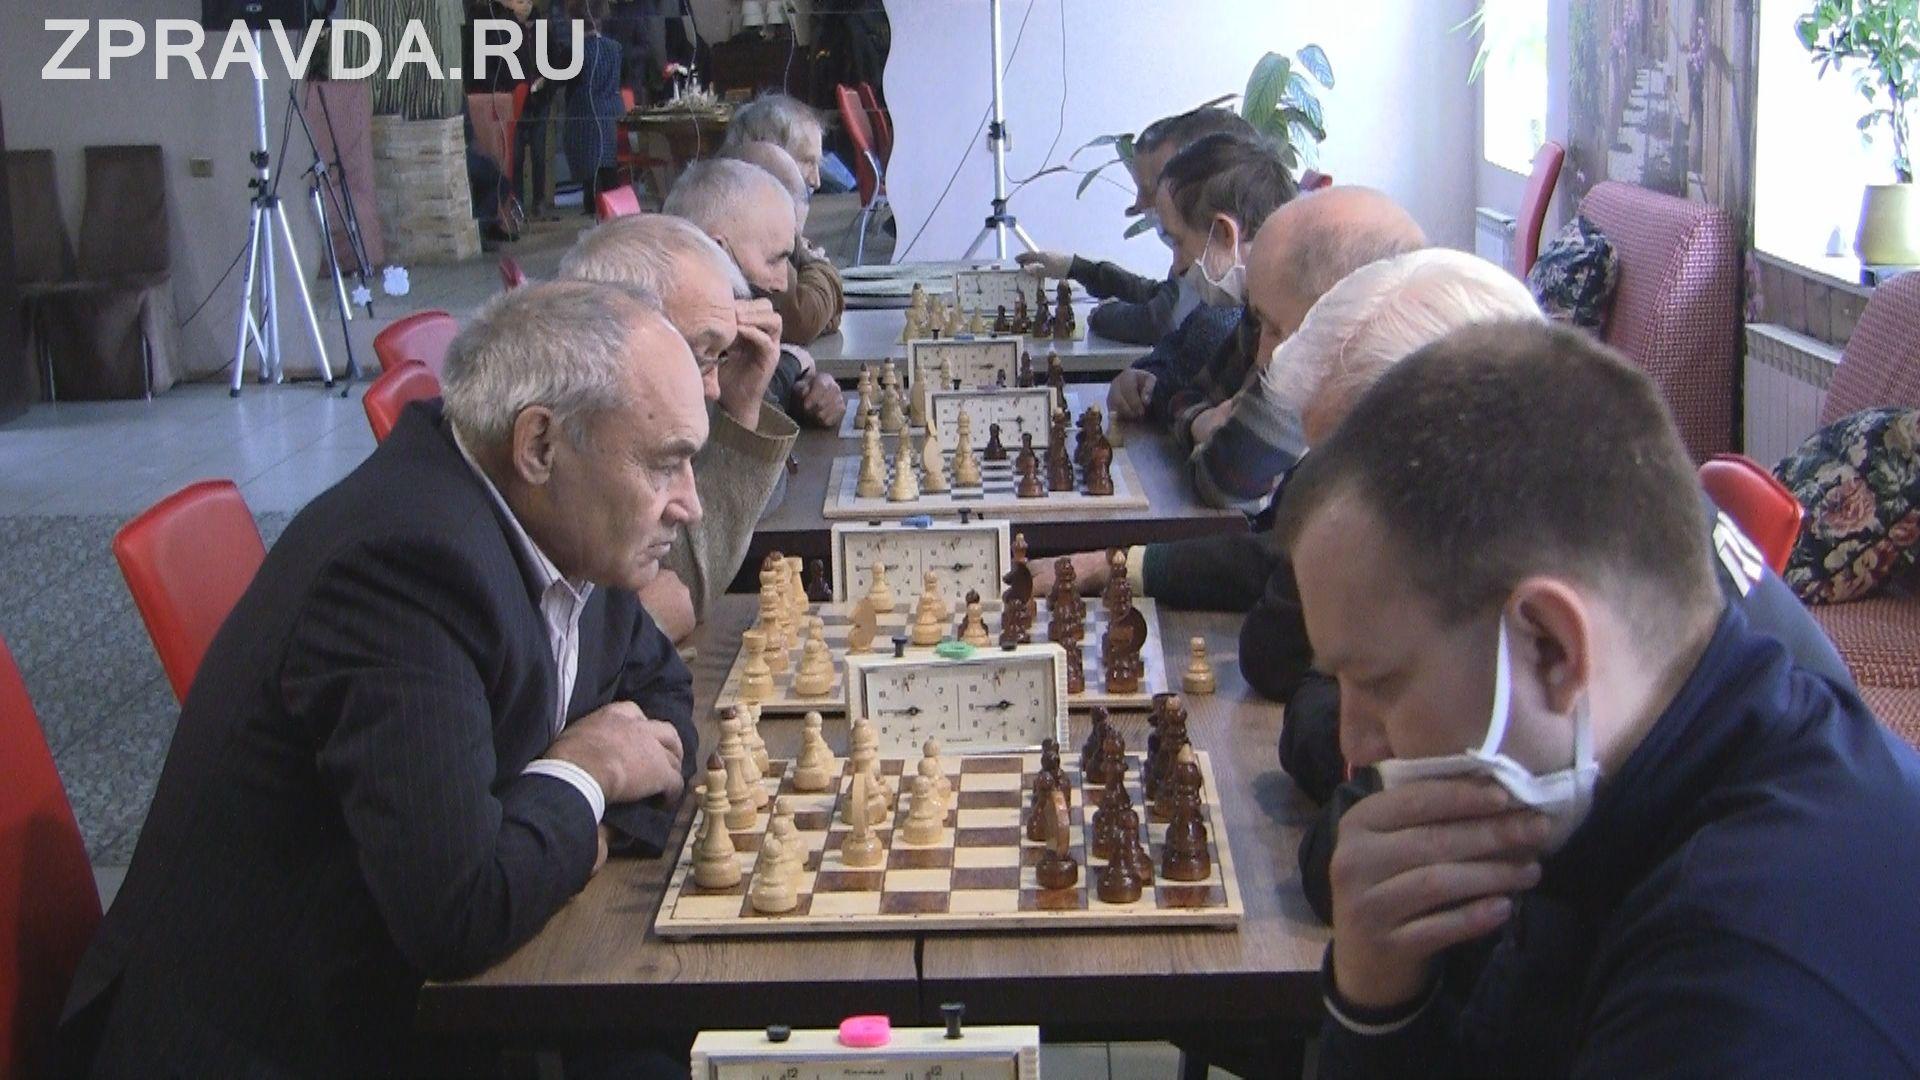 Зеленодольские шахматисты из клуба «ЯЗУ-Пеликан» провели турнир с командой из Буинска